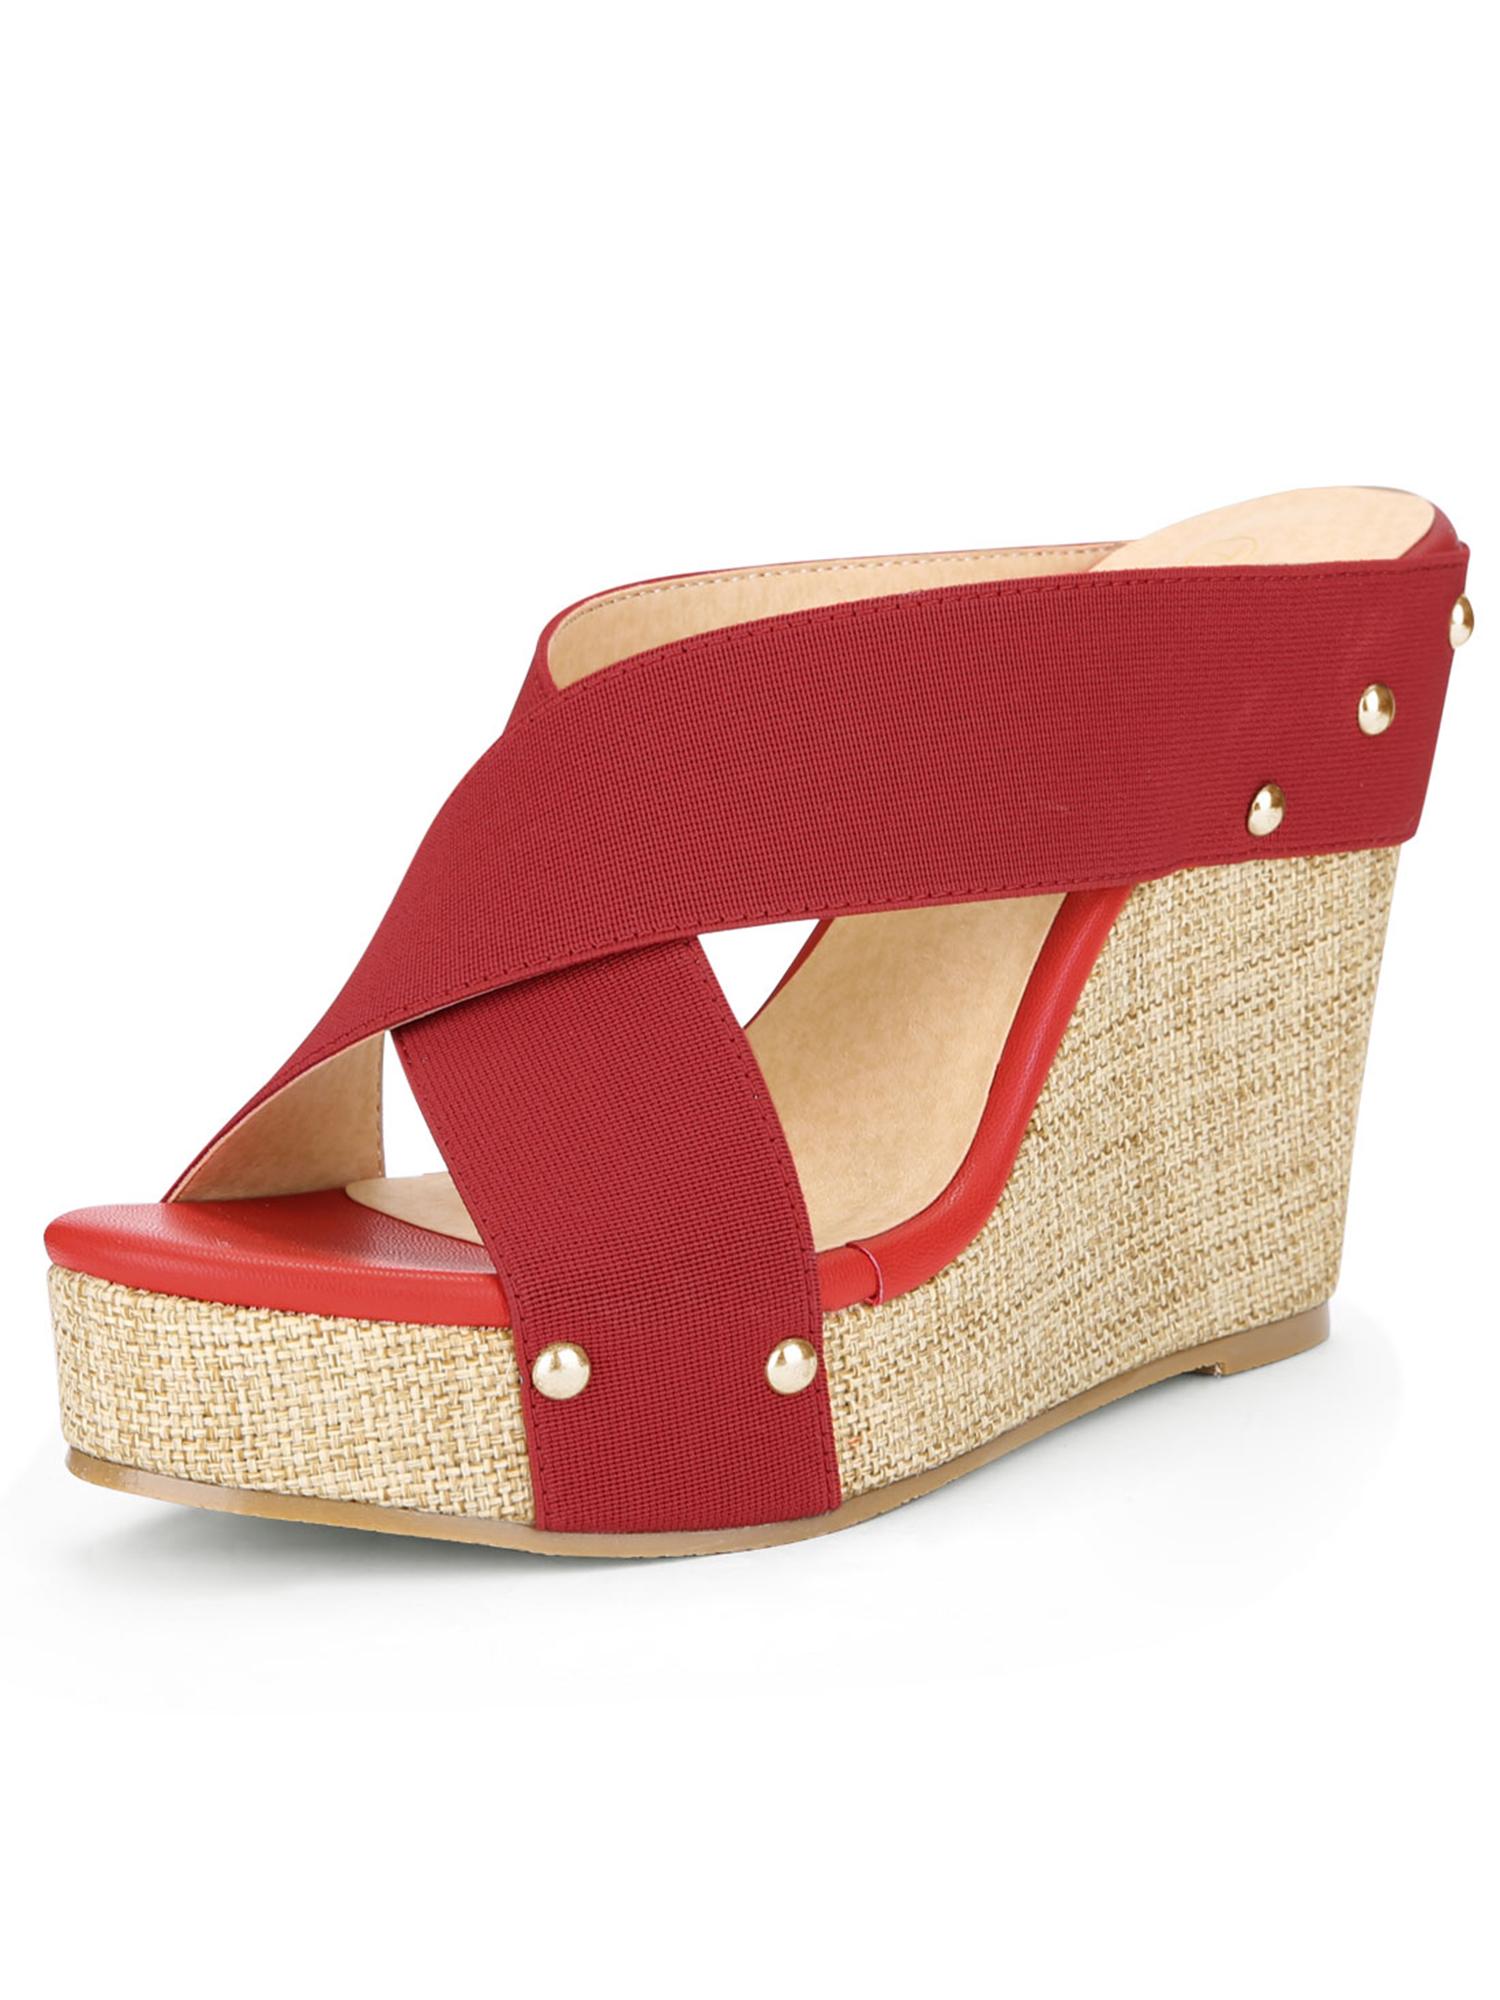 6129ed60540b Unique Bargains Women s Linen Platform Open Toe Slide Wedge Sandals Red  (Size 5)